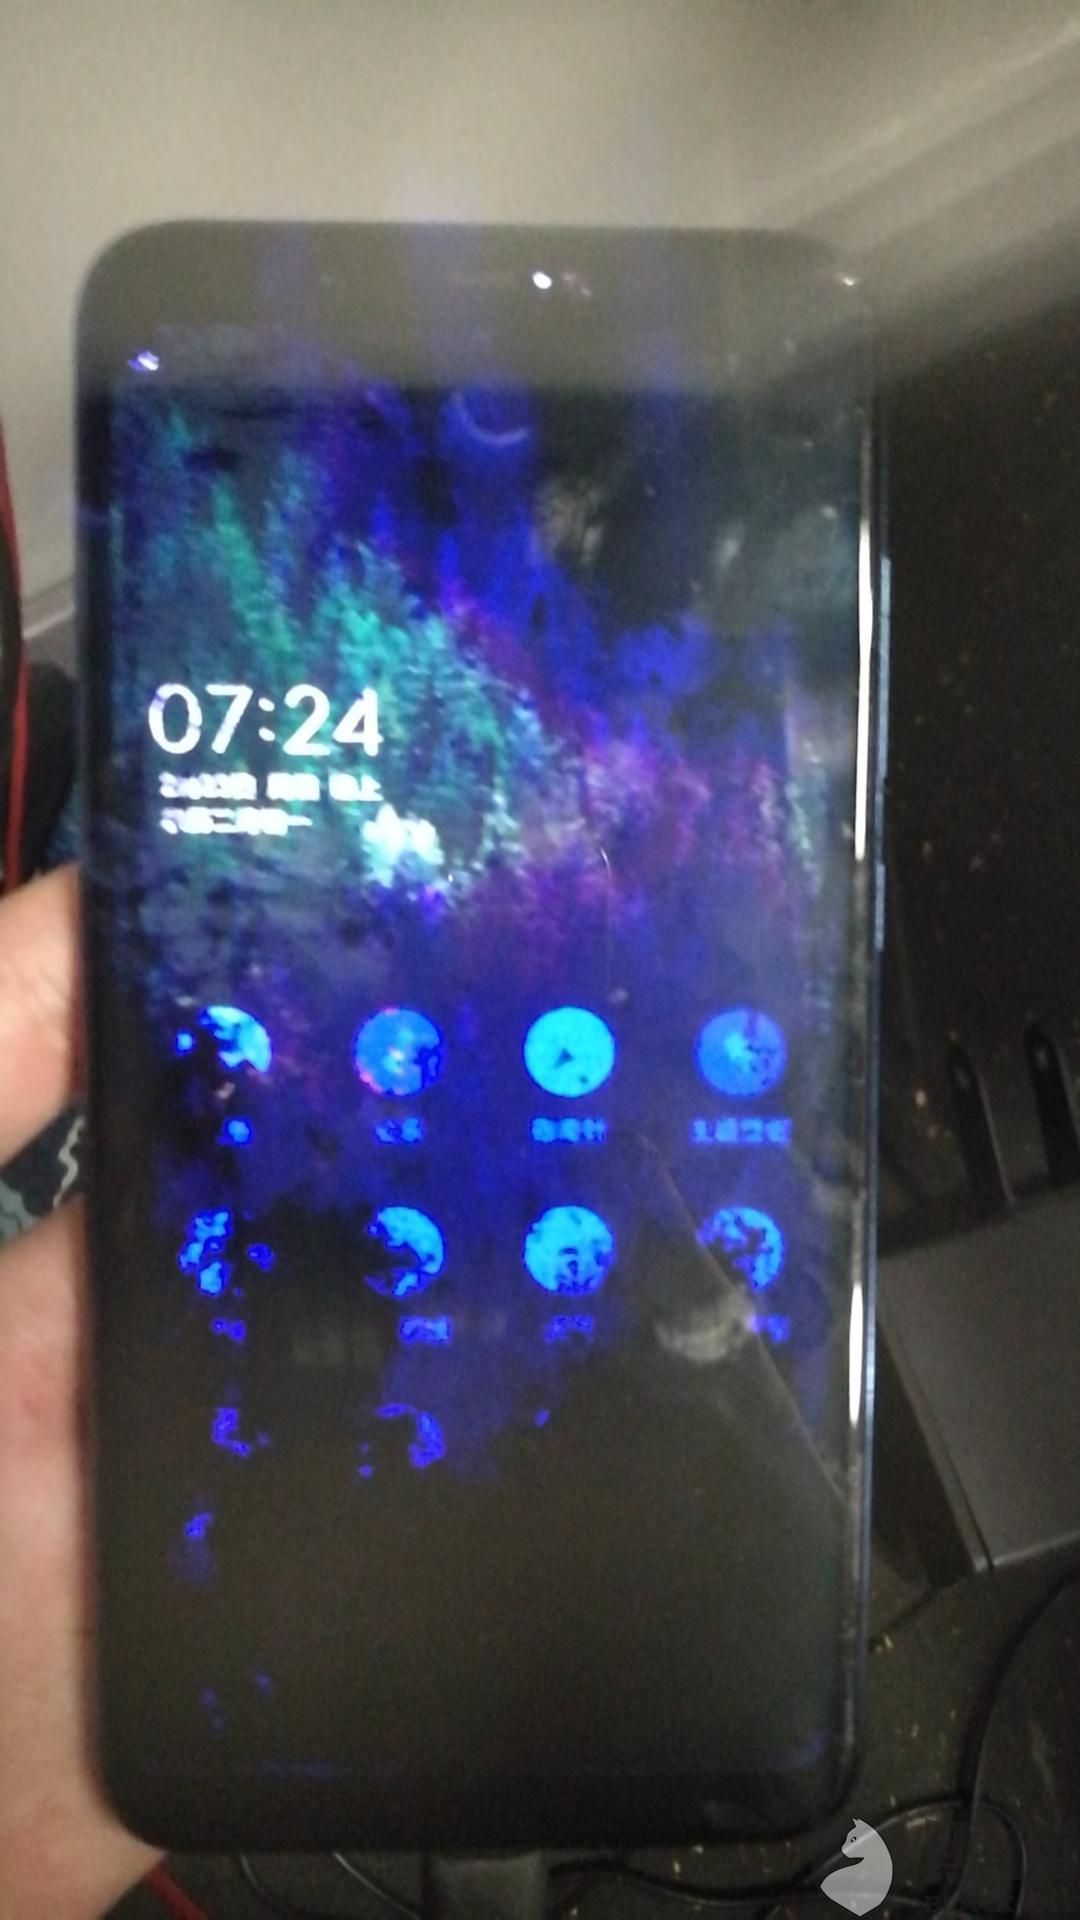 黑猫投诉:故意混淆AMOLED手机屏幕氧化和LCD手机屏幕漏液花屏概念,欺诈消费者